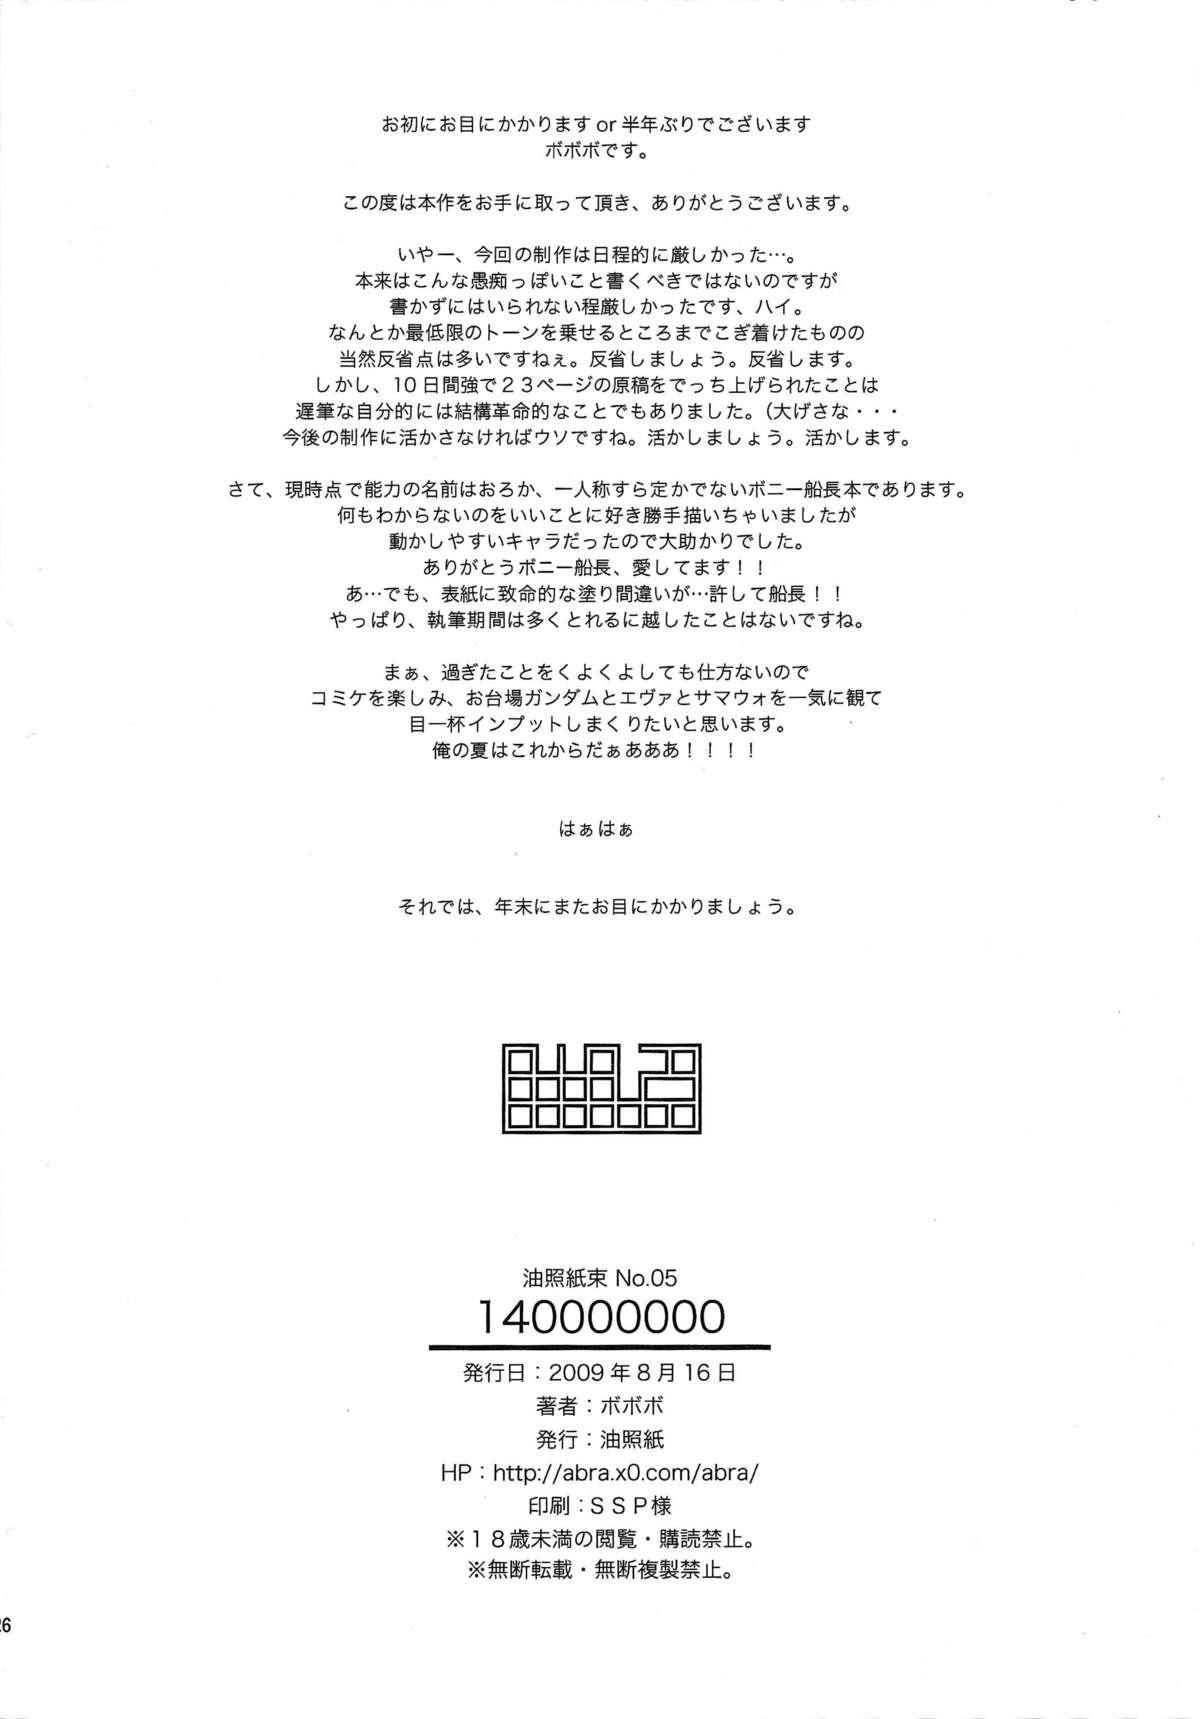 Abura Shoukami Tsukane No.05 140000000 24